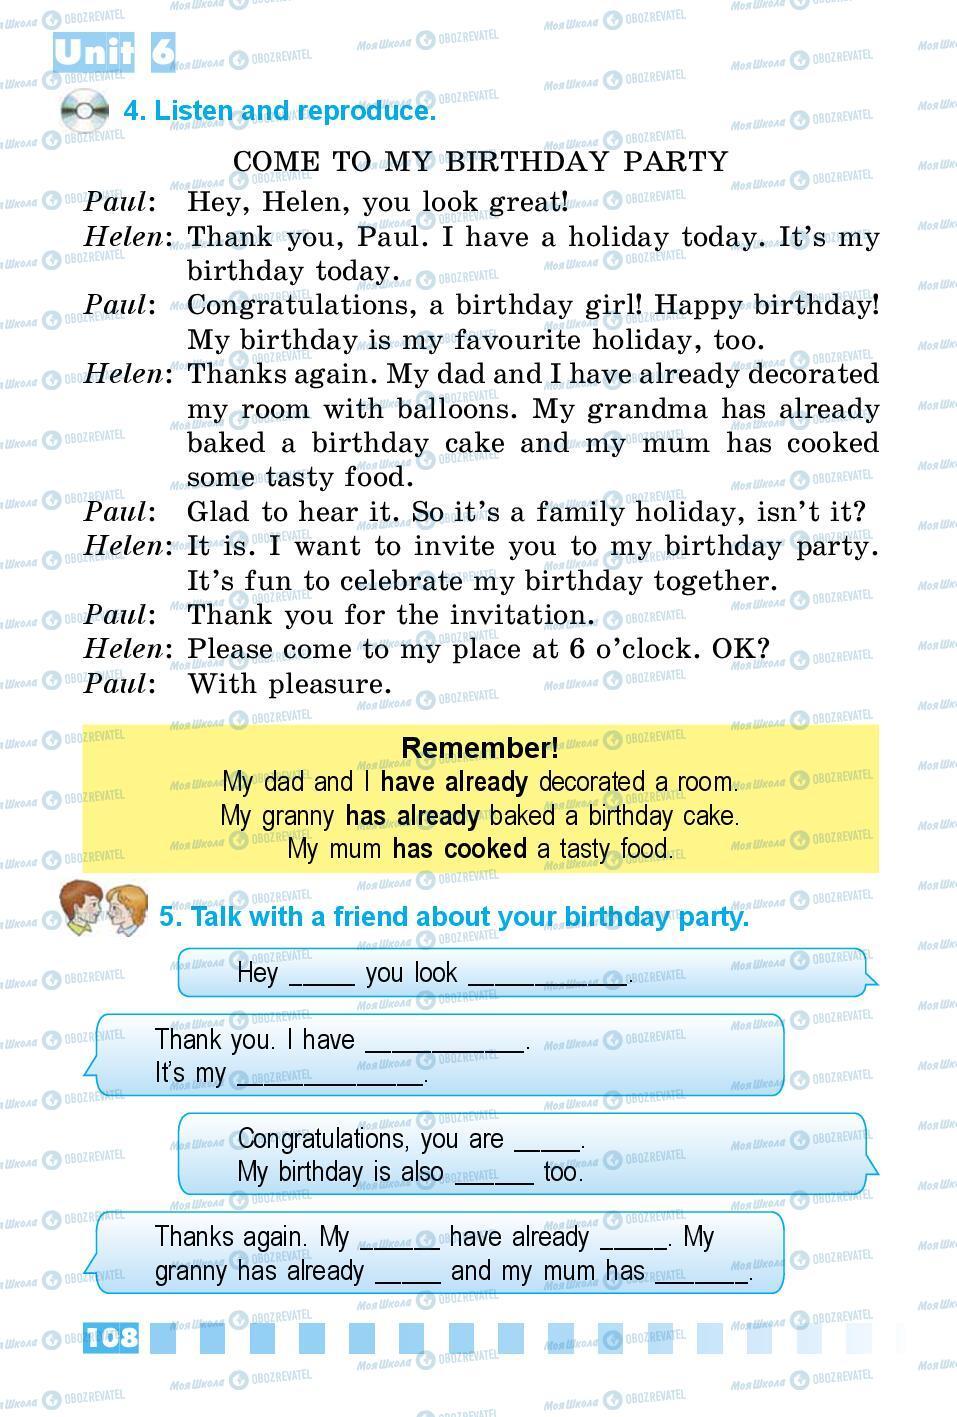 Підручники Англійська мова 3 клас сторінка 108